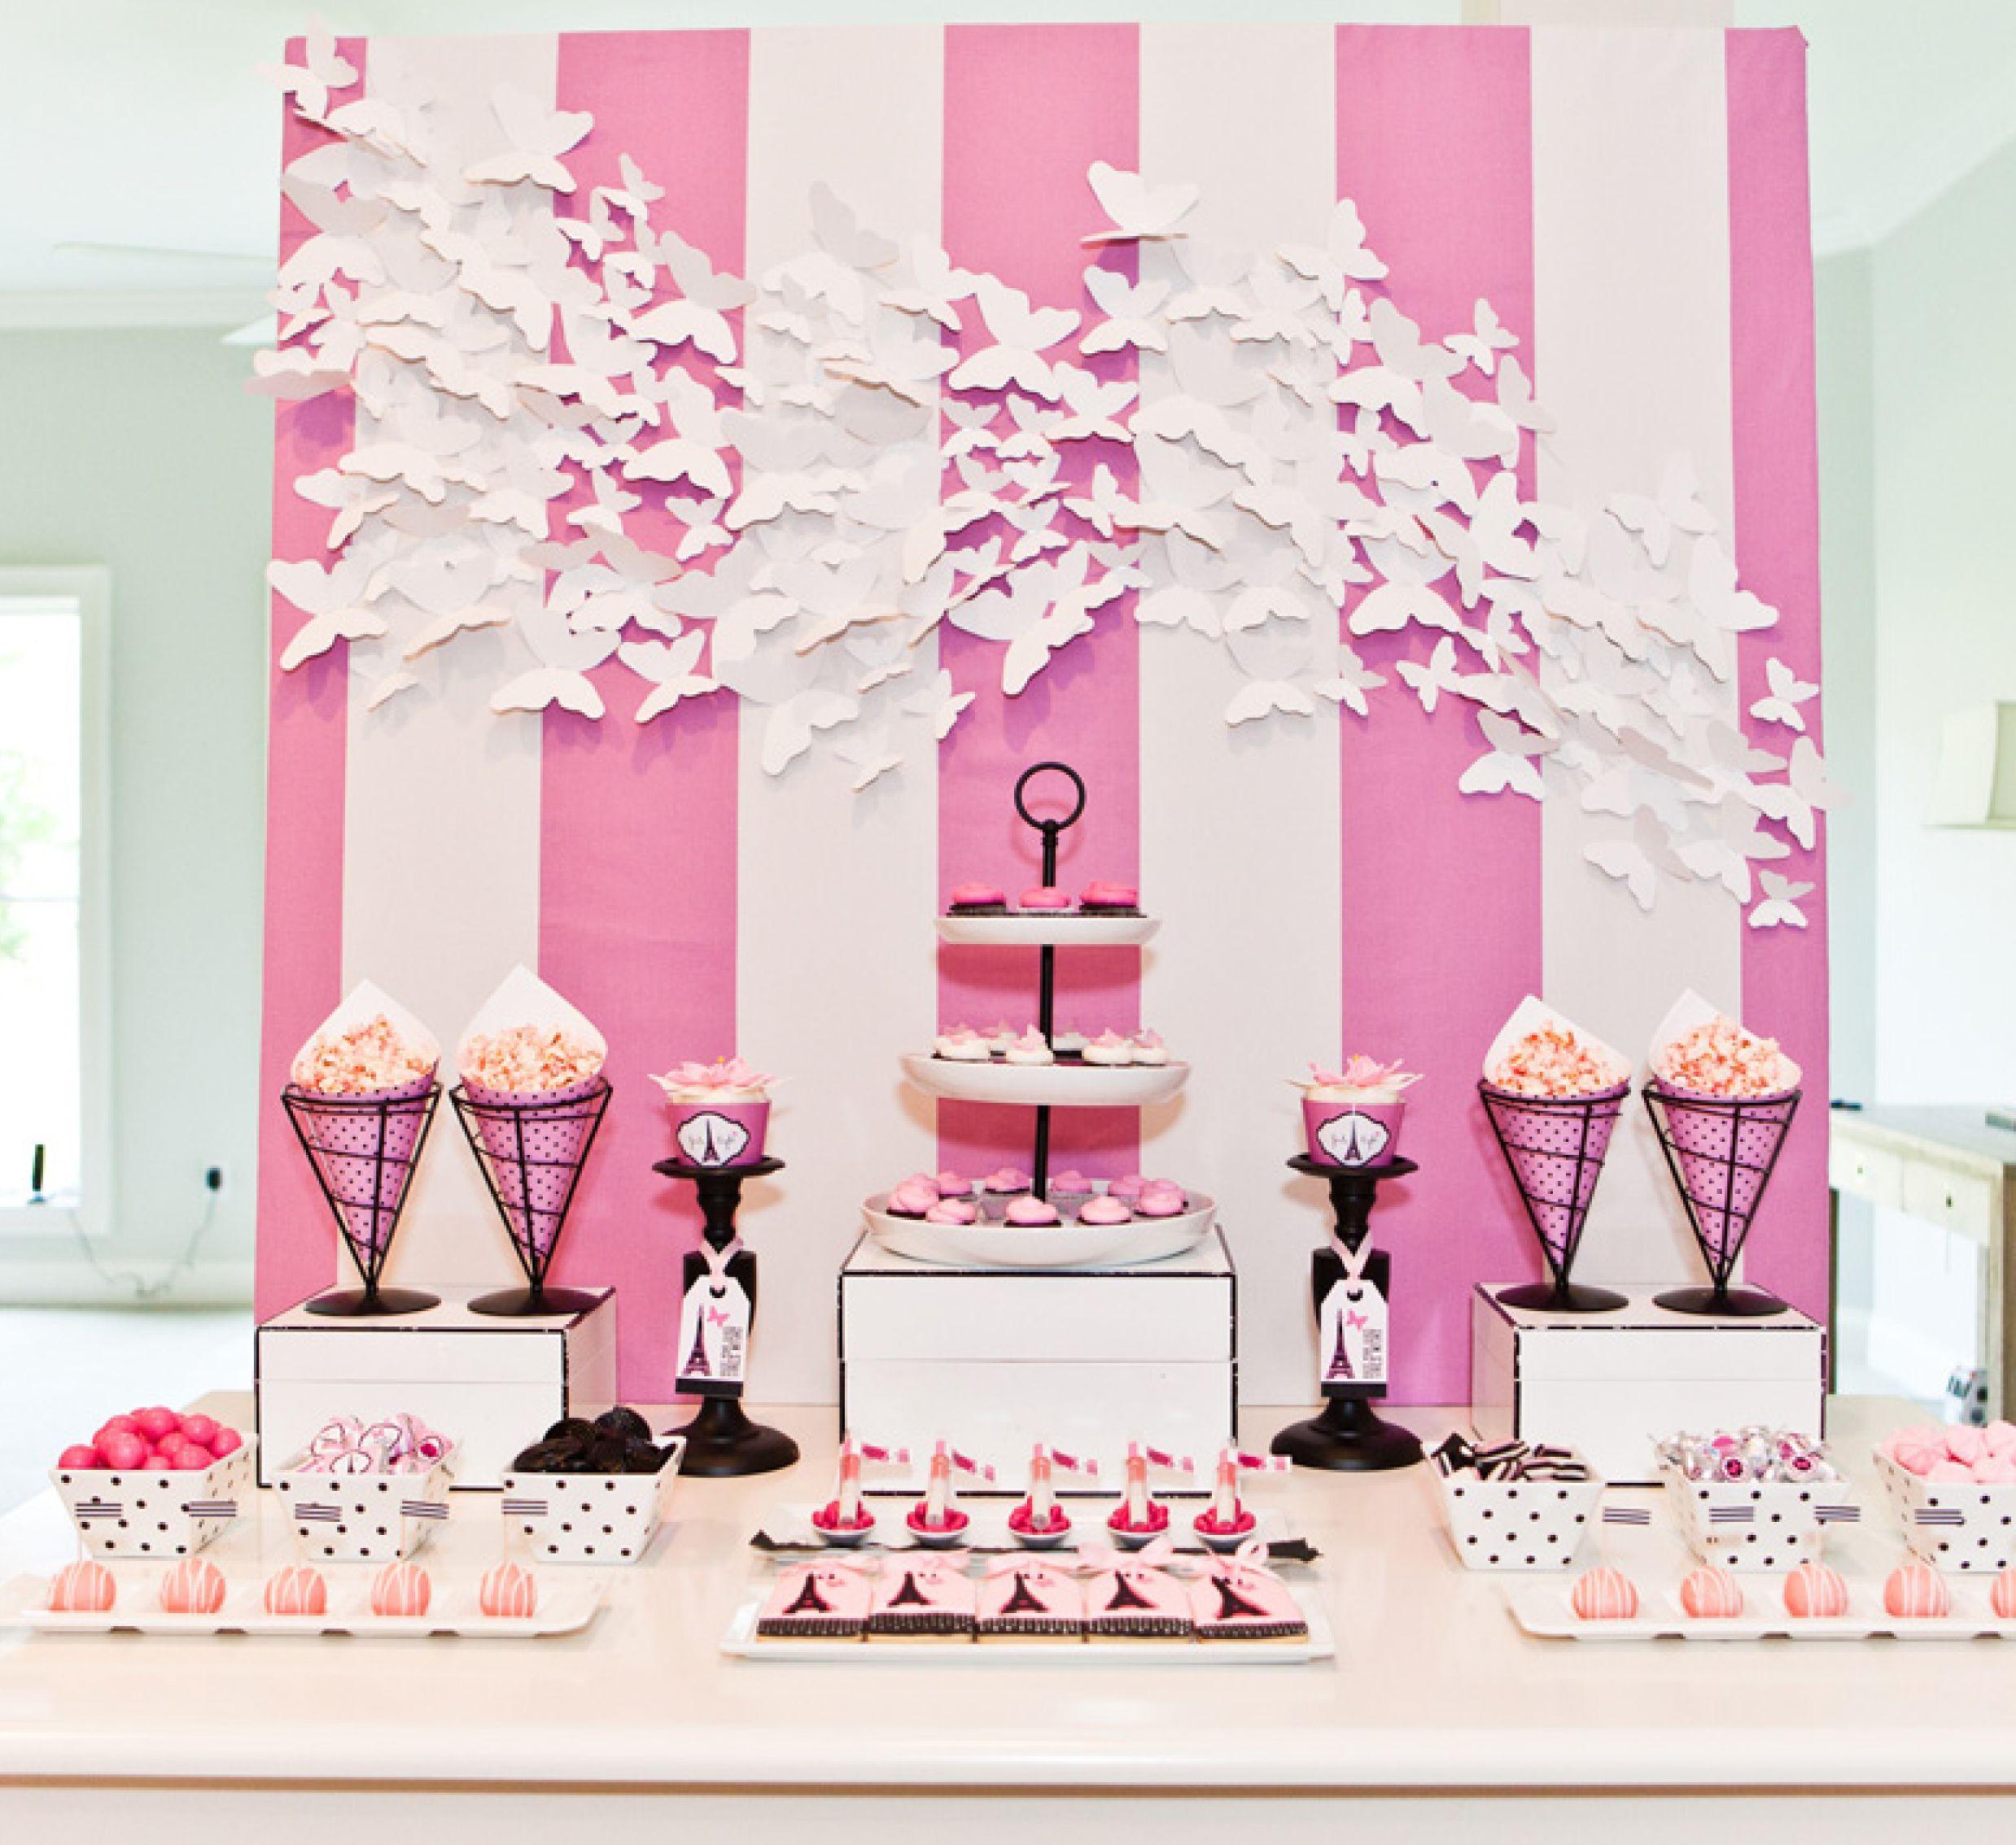 Bridesmaids Dvd Blu Ray Photoshoot For Target Dessert Table Bridesmaids Movie Girls Night Party Paris Birthday Parties